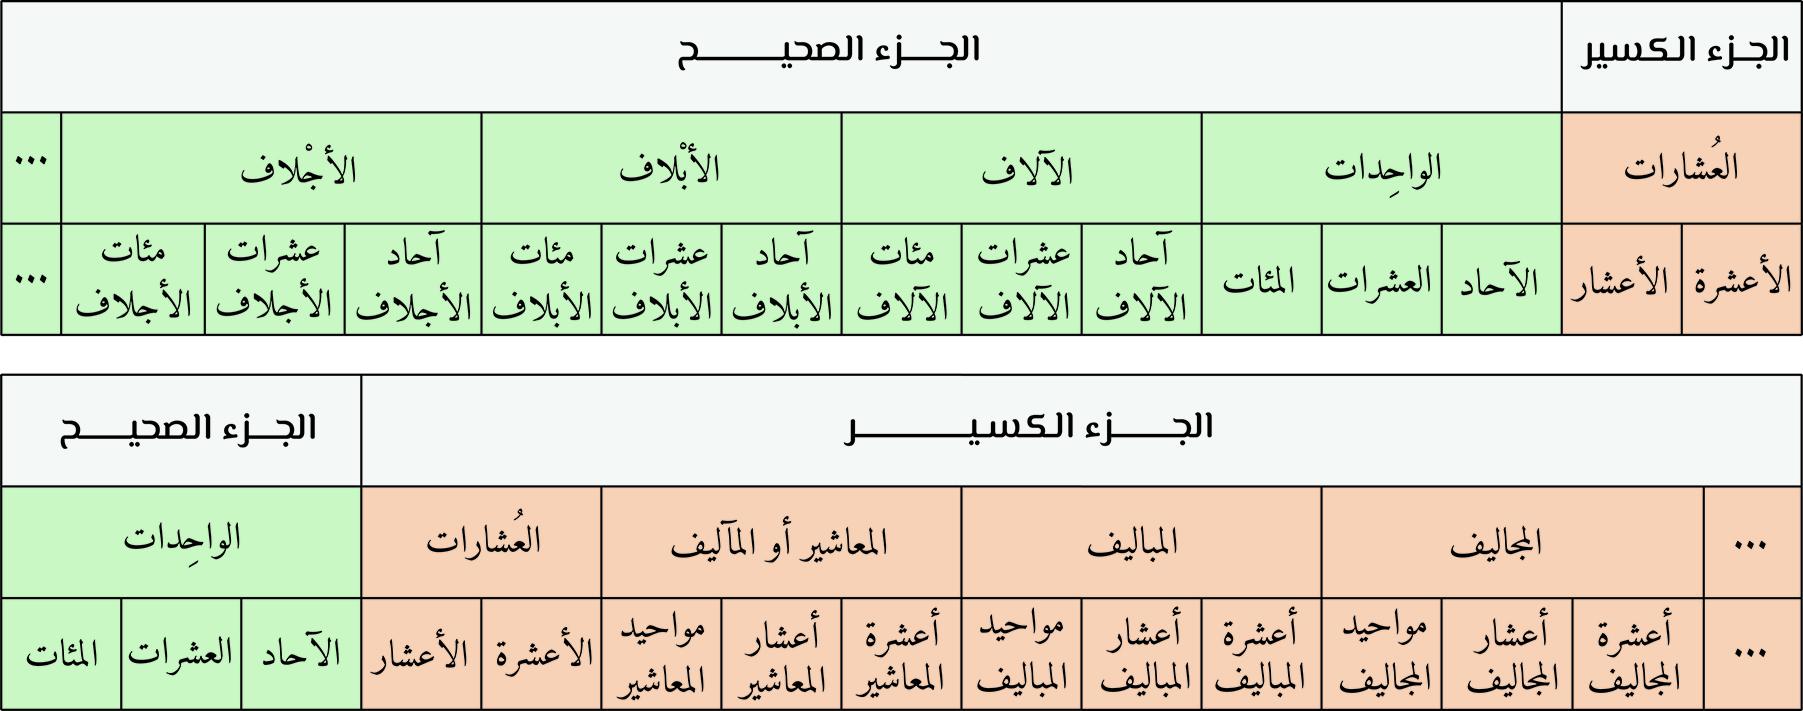 قراءة الأعداد الحقيقية في العربية